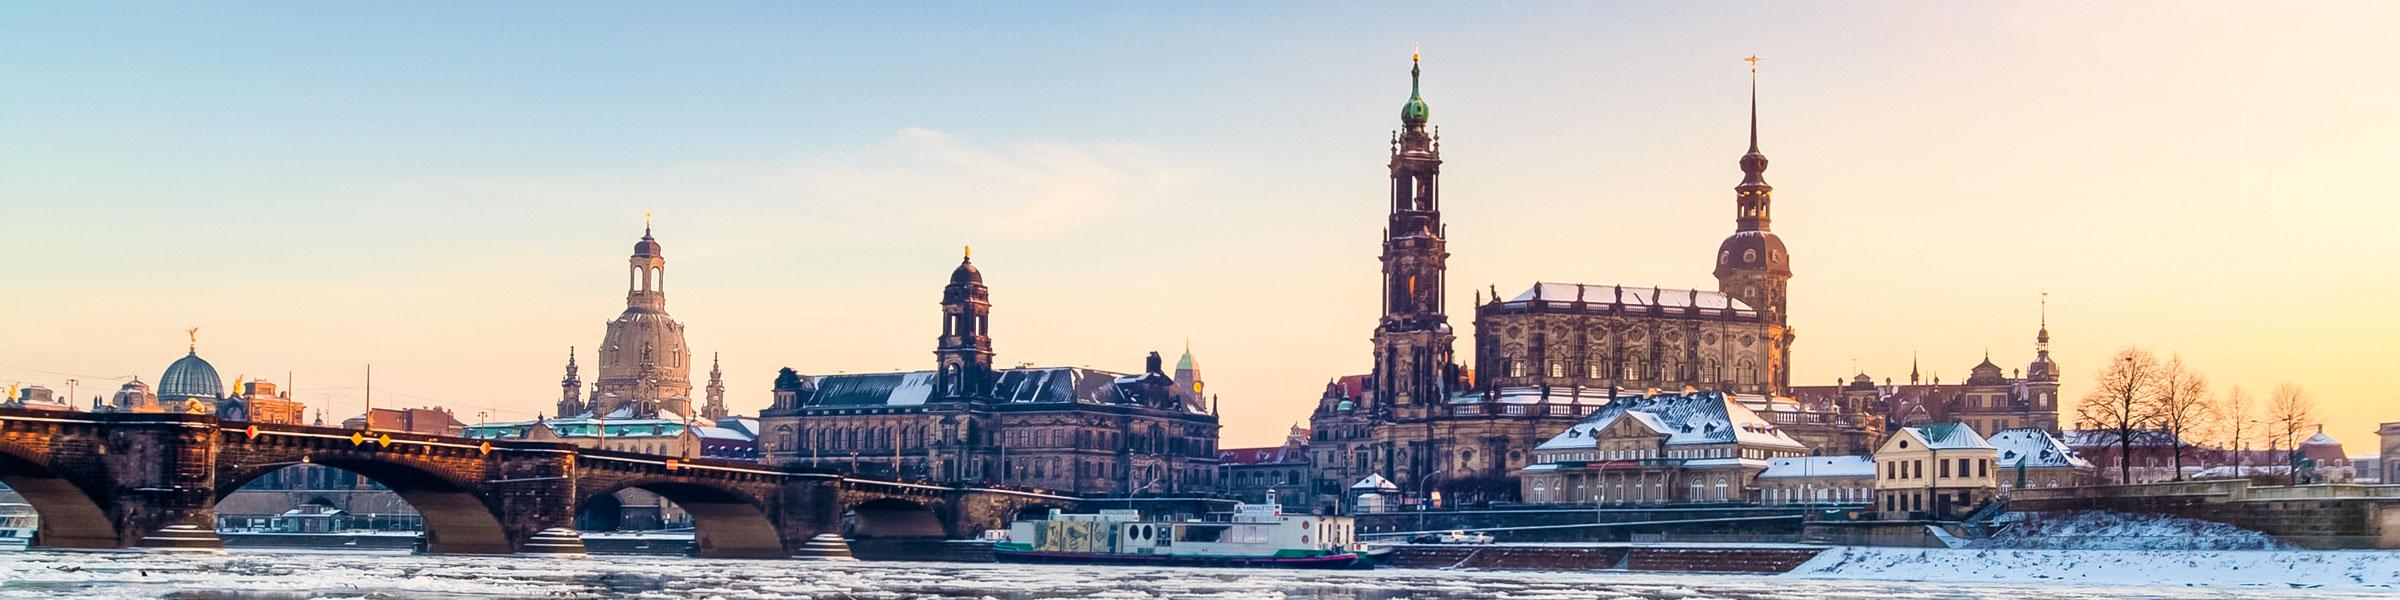 Slider Reisefotografie - Dresden